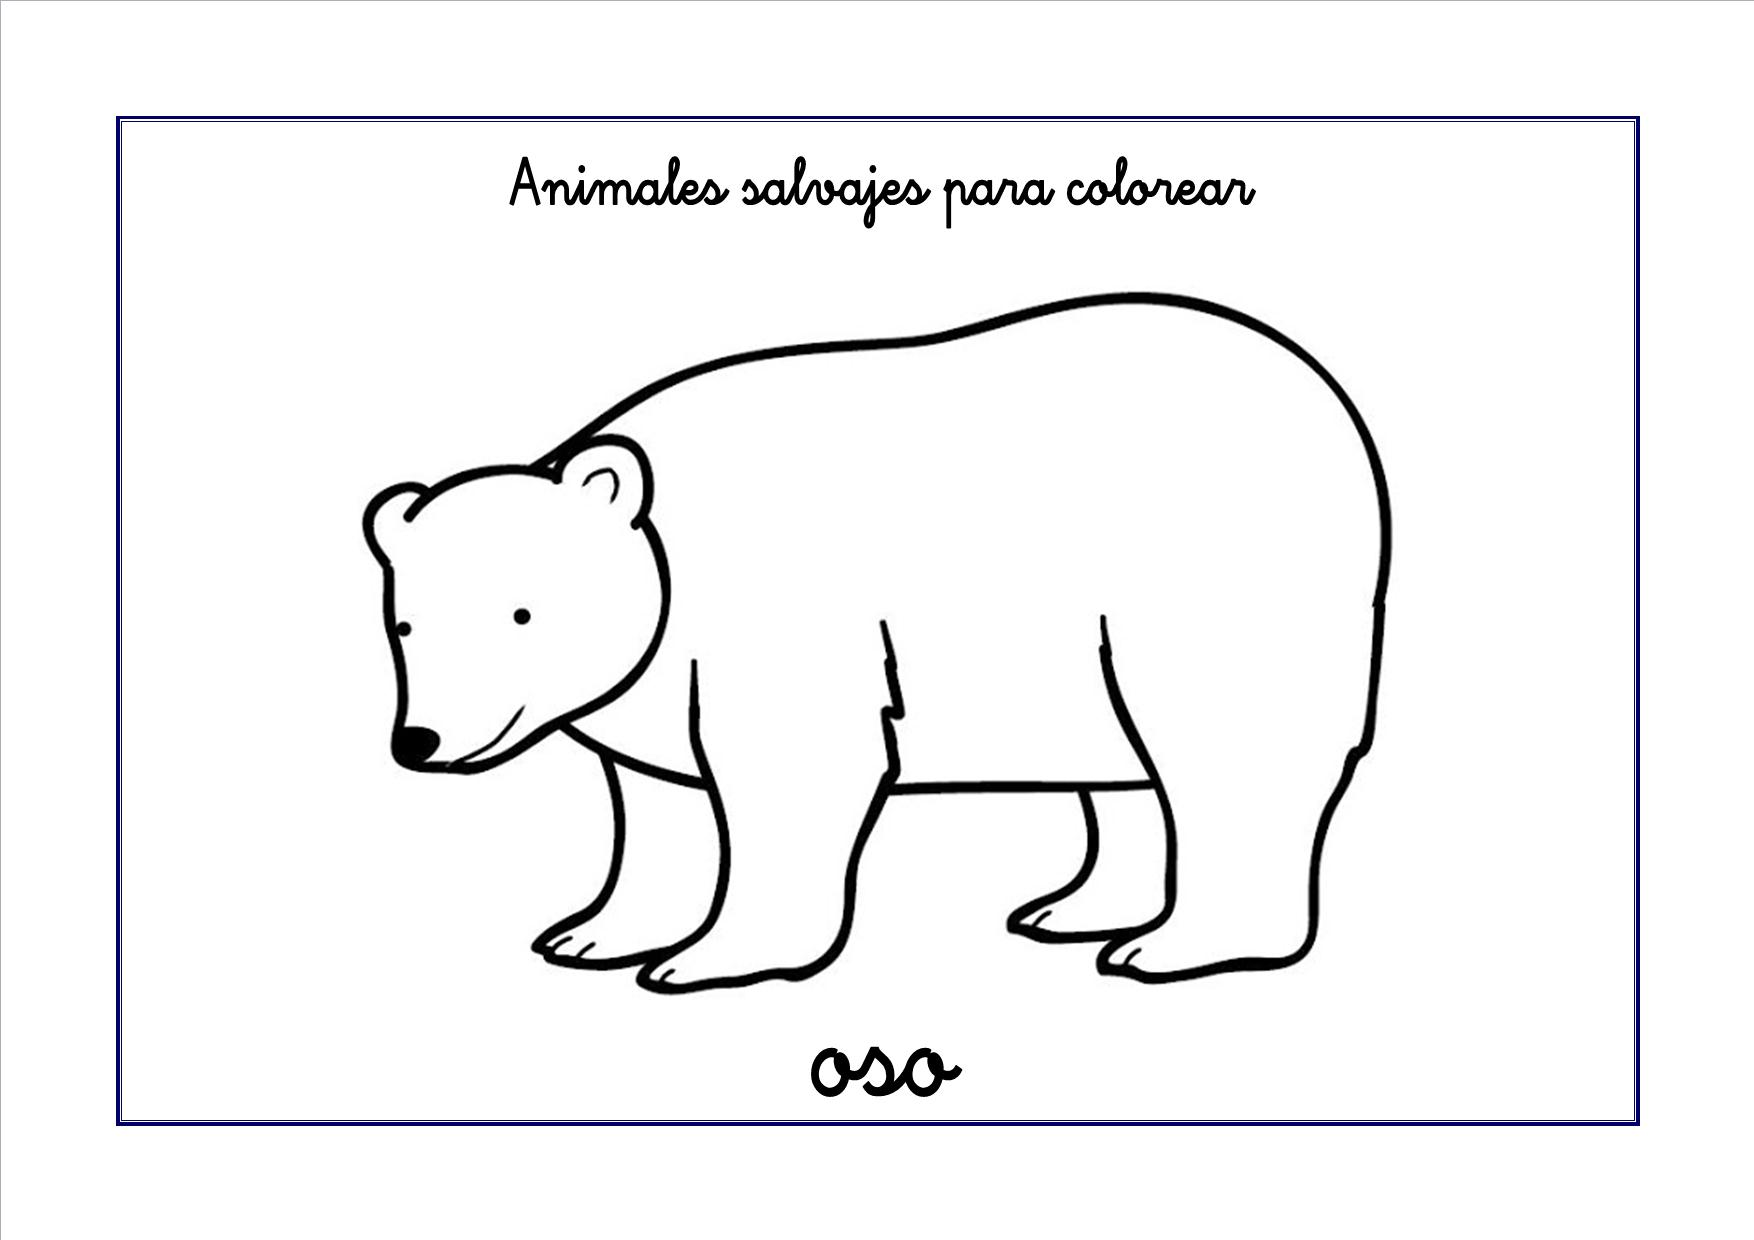 Imagenes • Dibujos para colorear de un oso